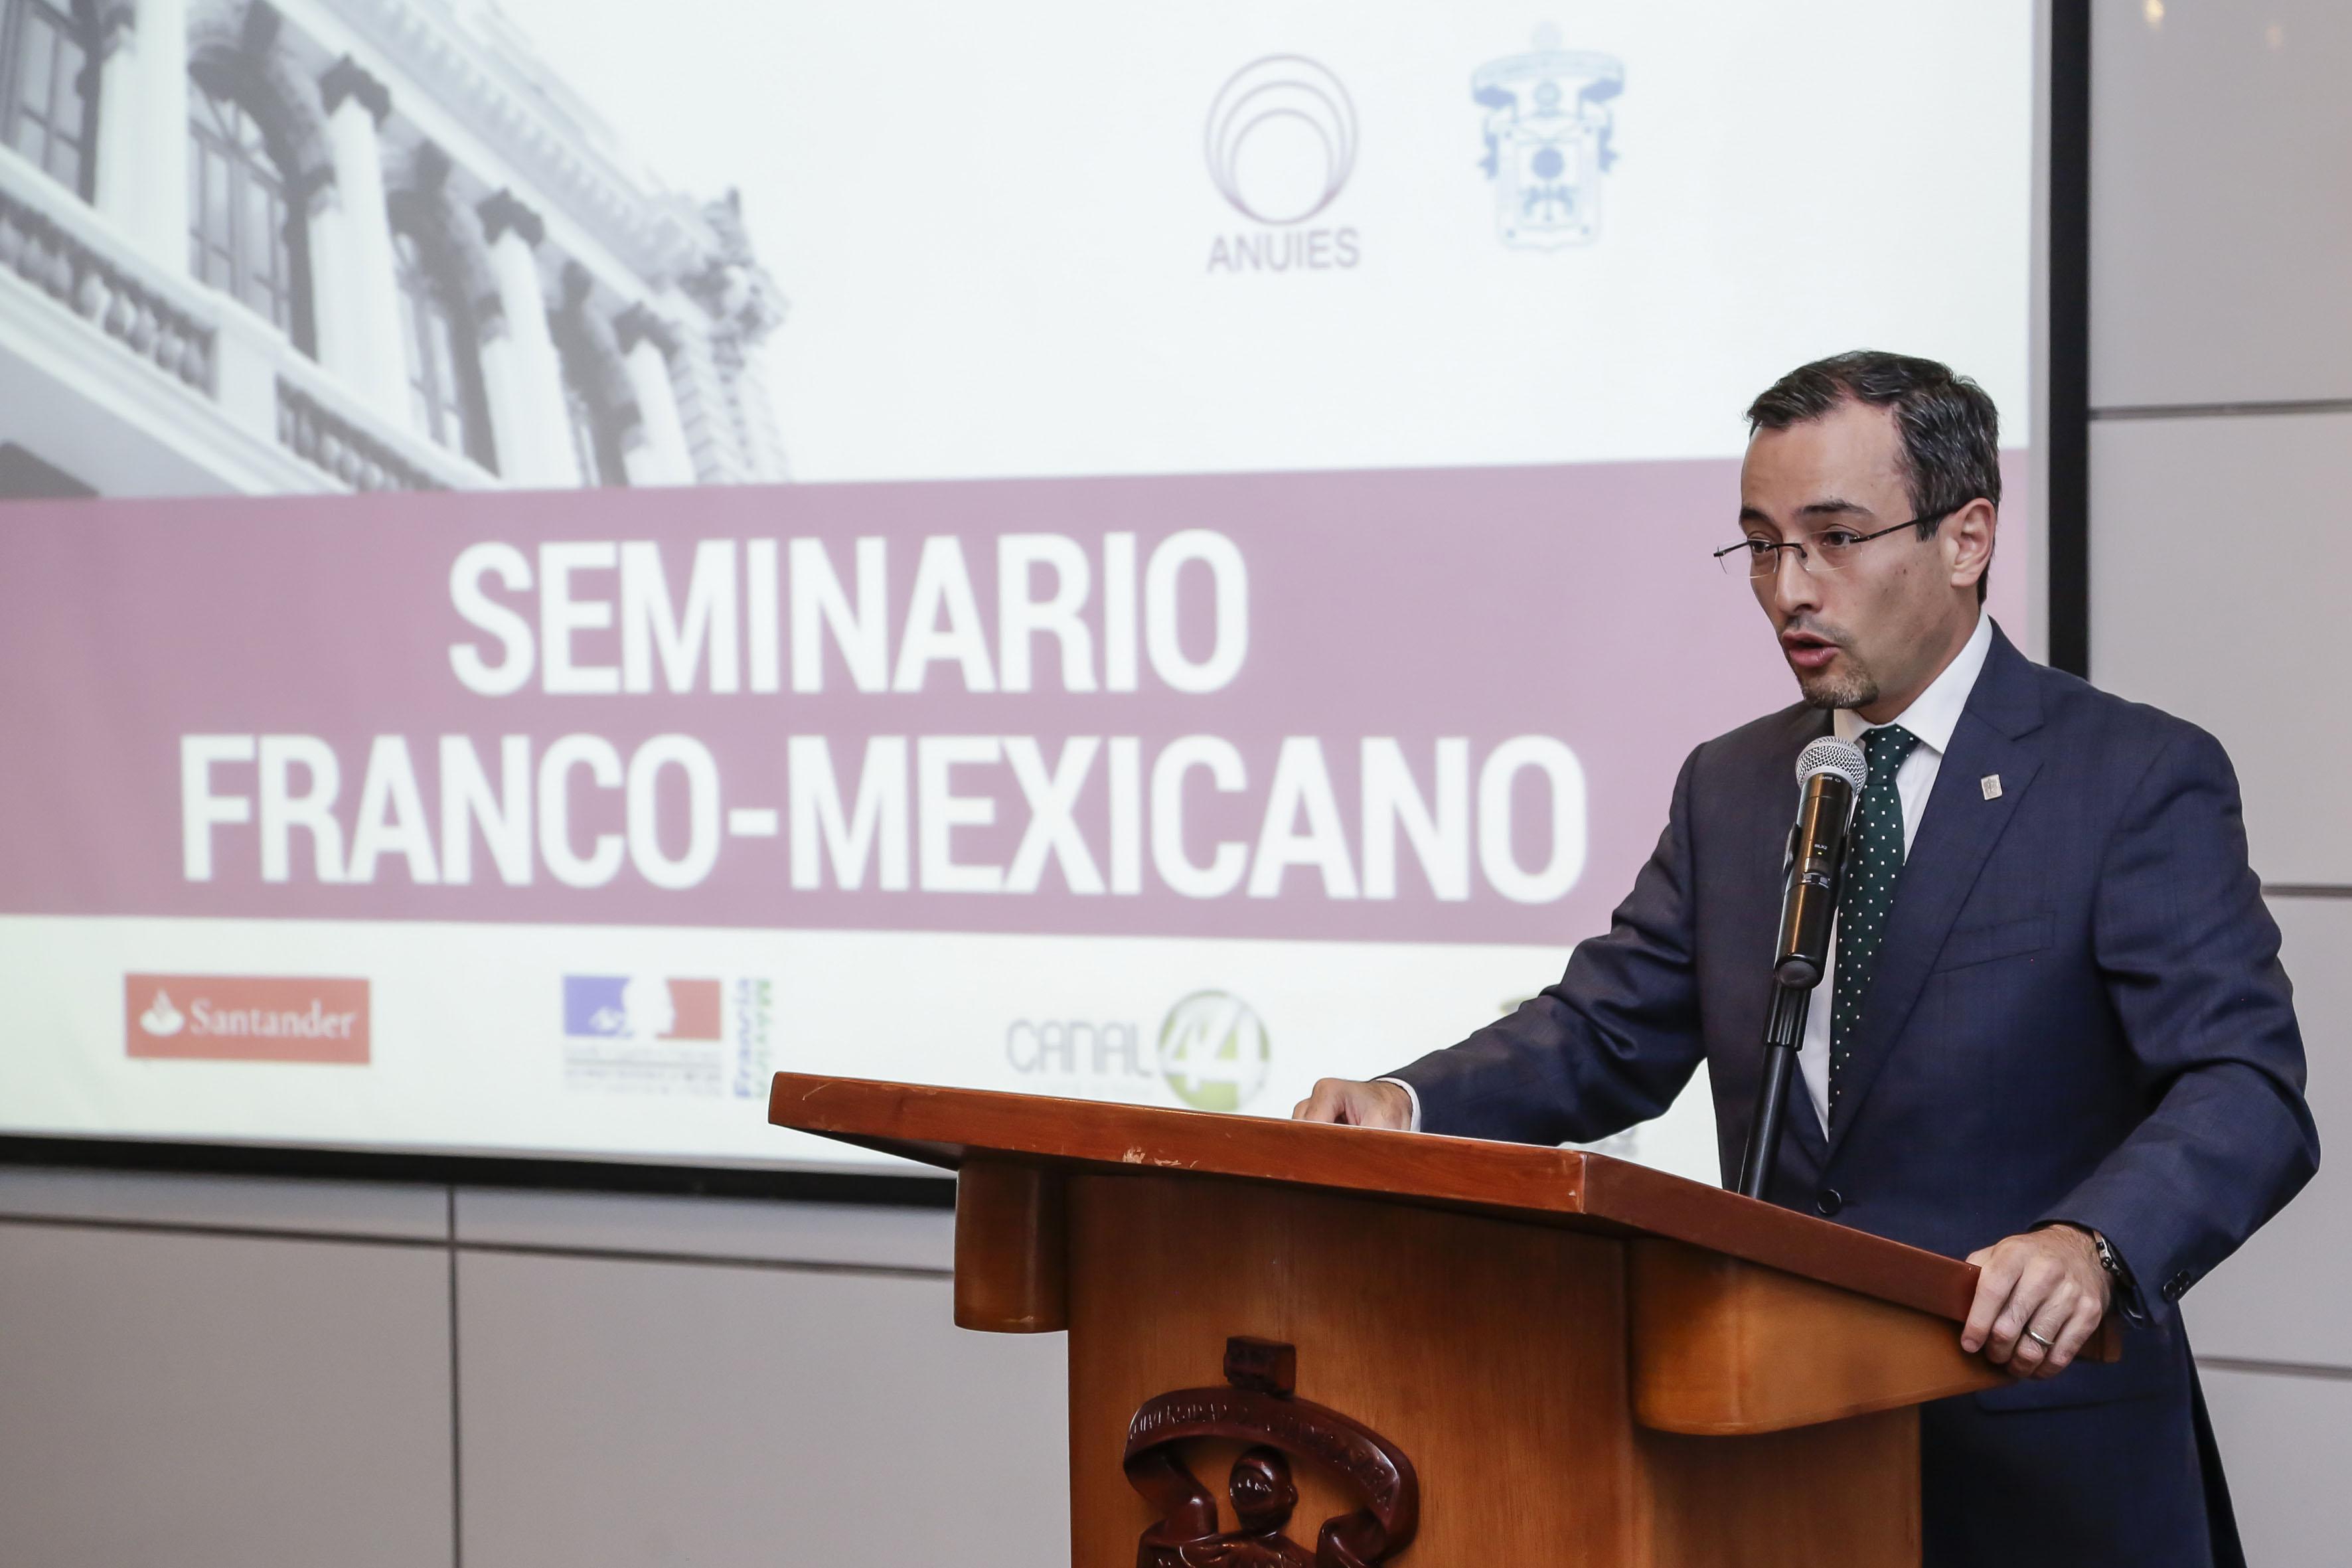 Dr. Carlos Iván Moreno Arellano, Coordinador General de Cooperación e Internacionalización, haciendo uso de la palabra en la inauguración del Seminario Franco-Mexicano de Cooperación Universitaria e Innovación